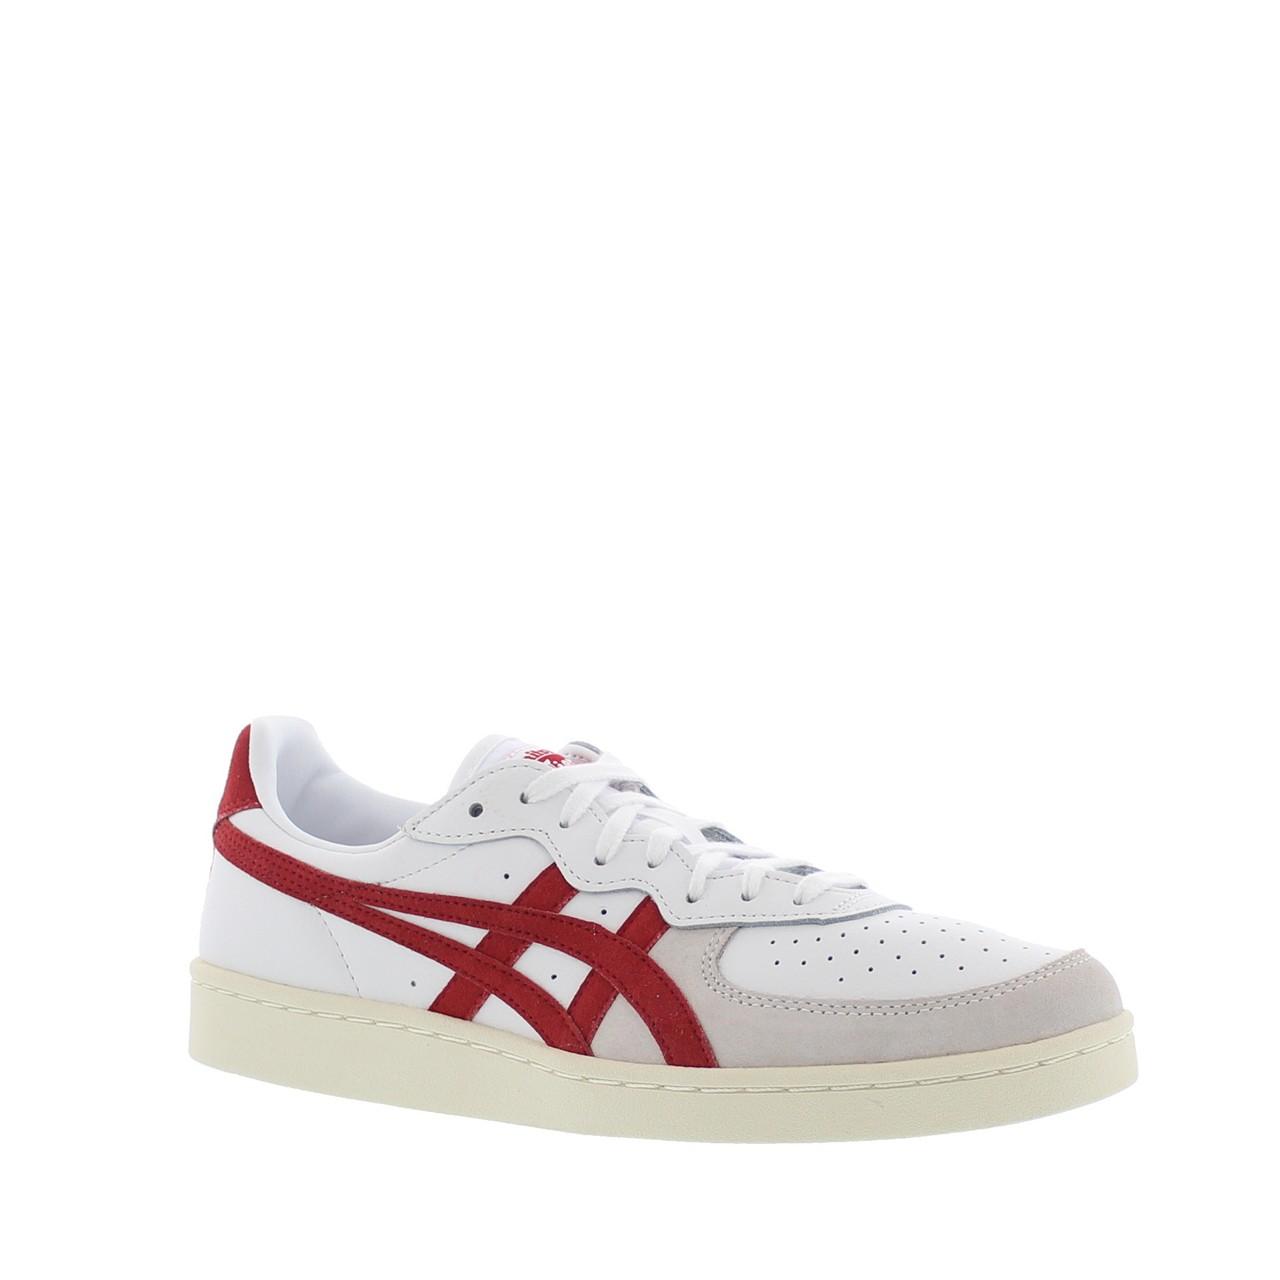 Afbeelding van Asics Tiger Sneakers 180-15-9 wit